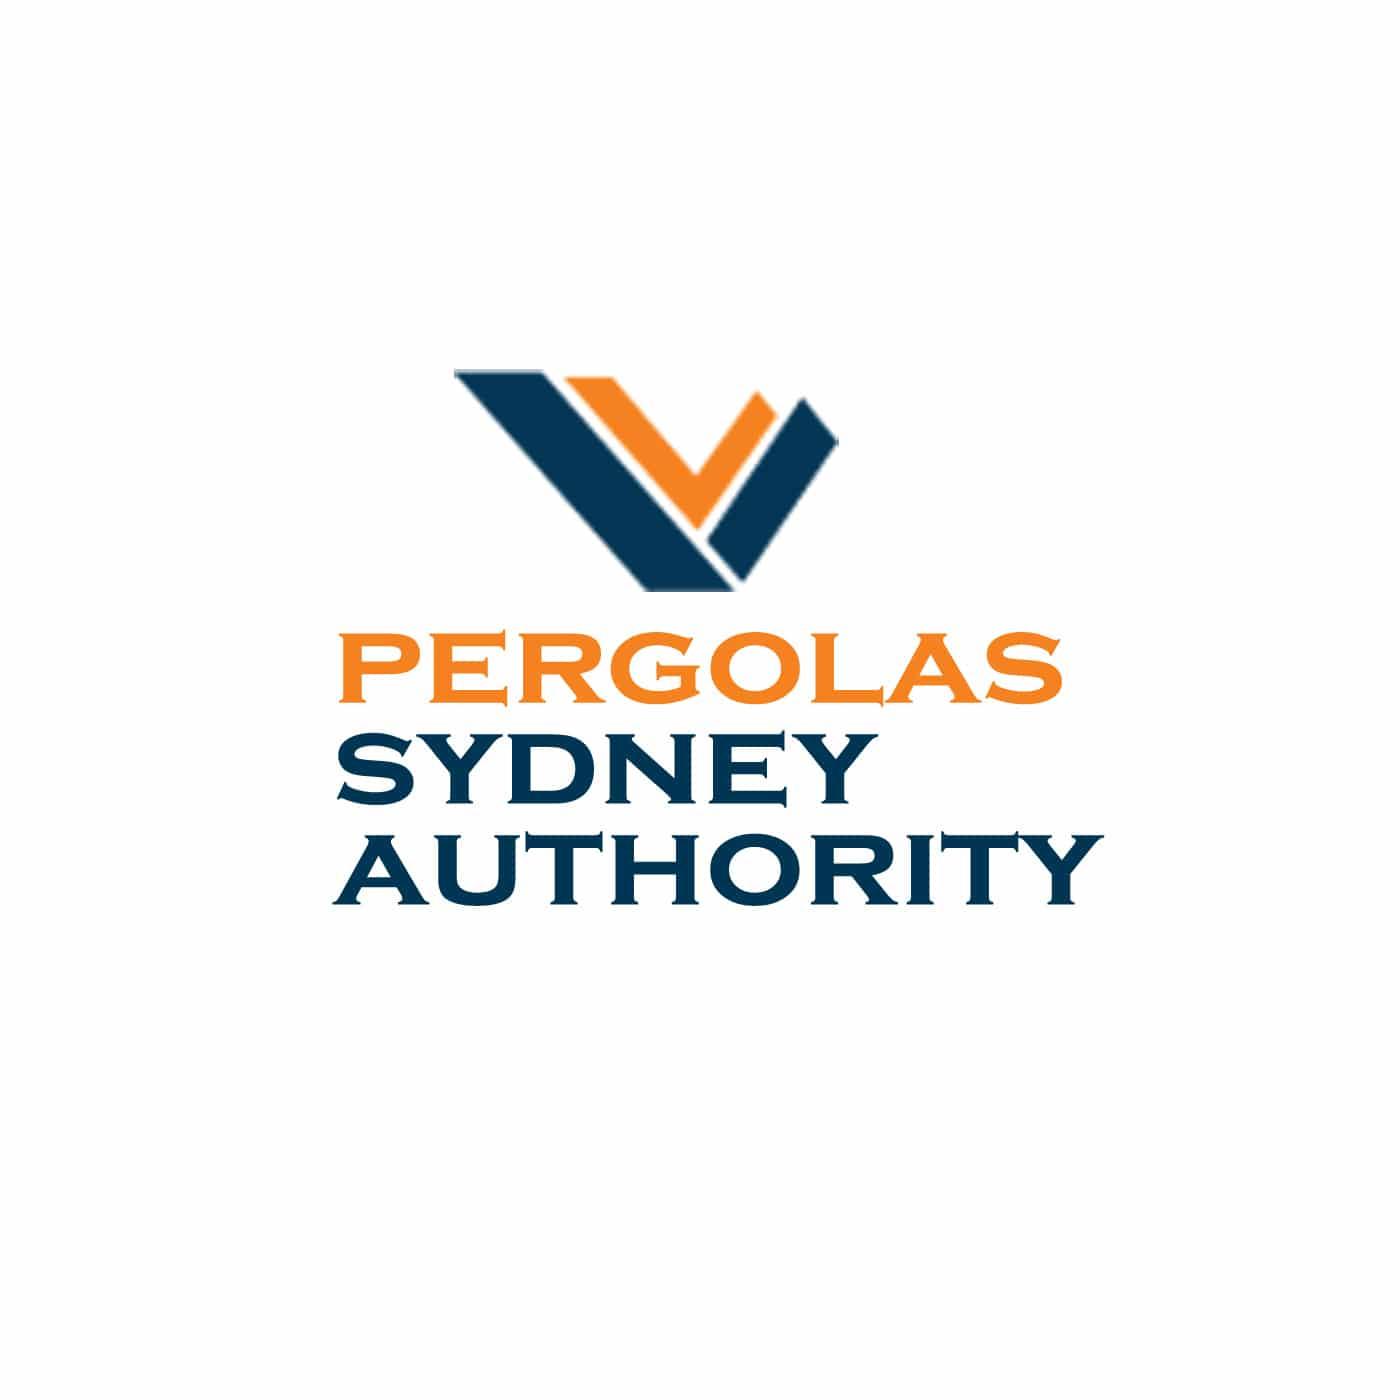 Pergolas Sydney Authority, ⚡Get Your Free Quote Today